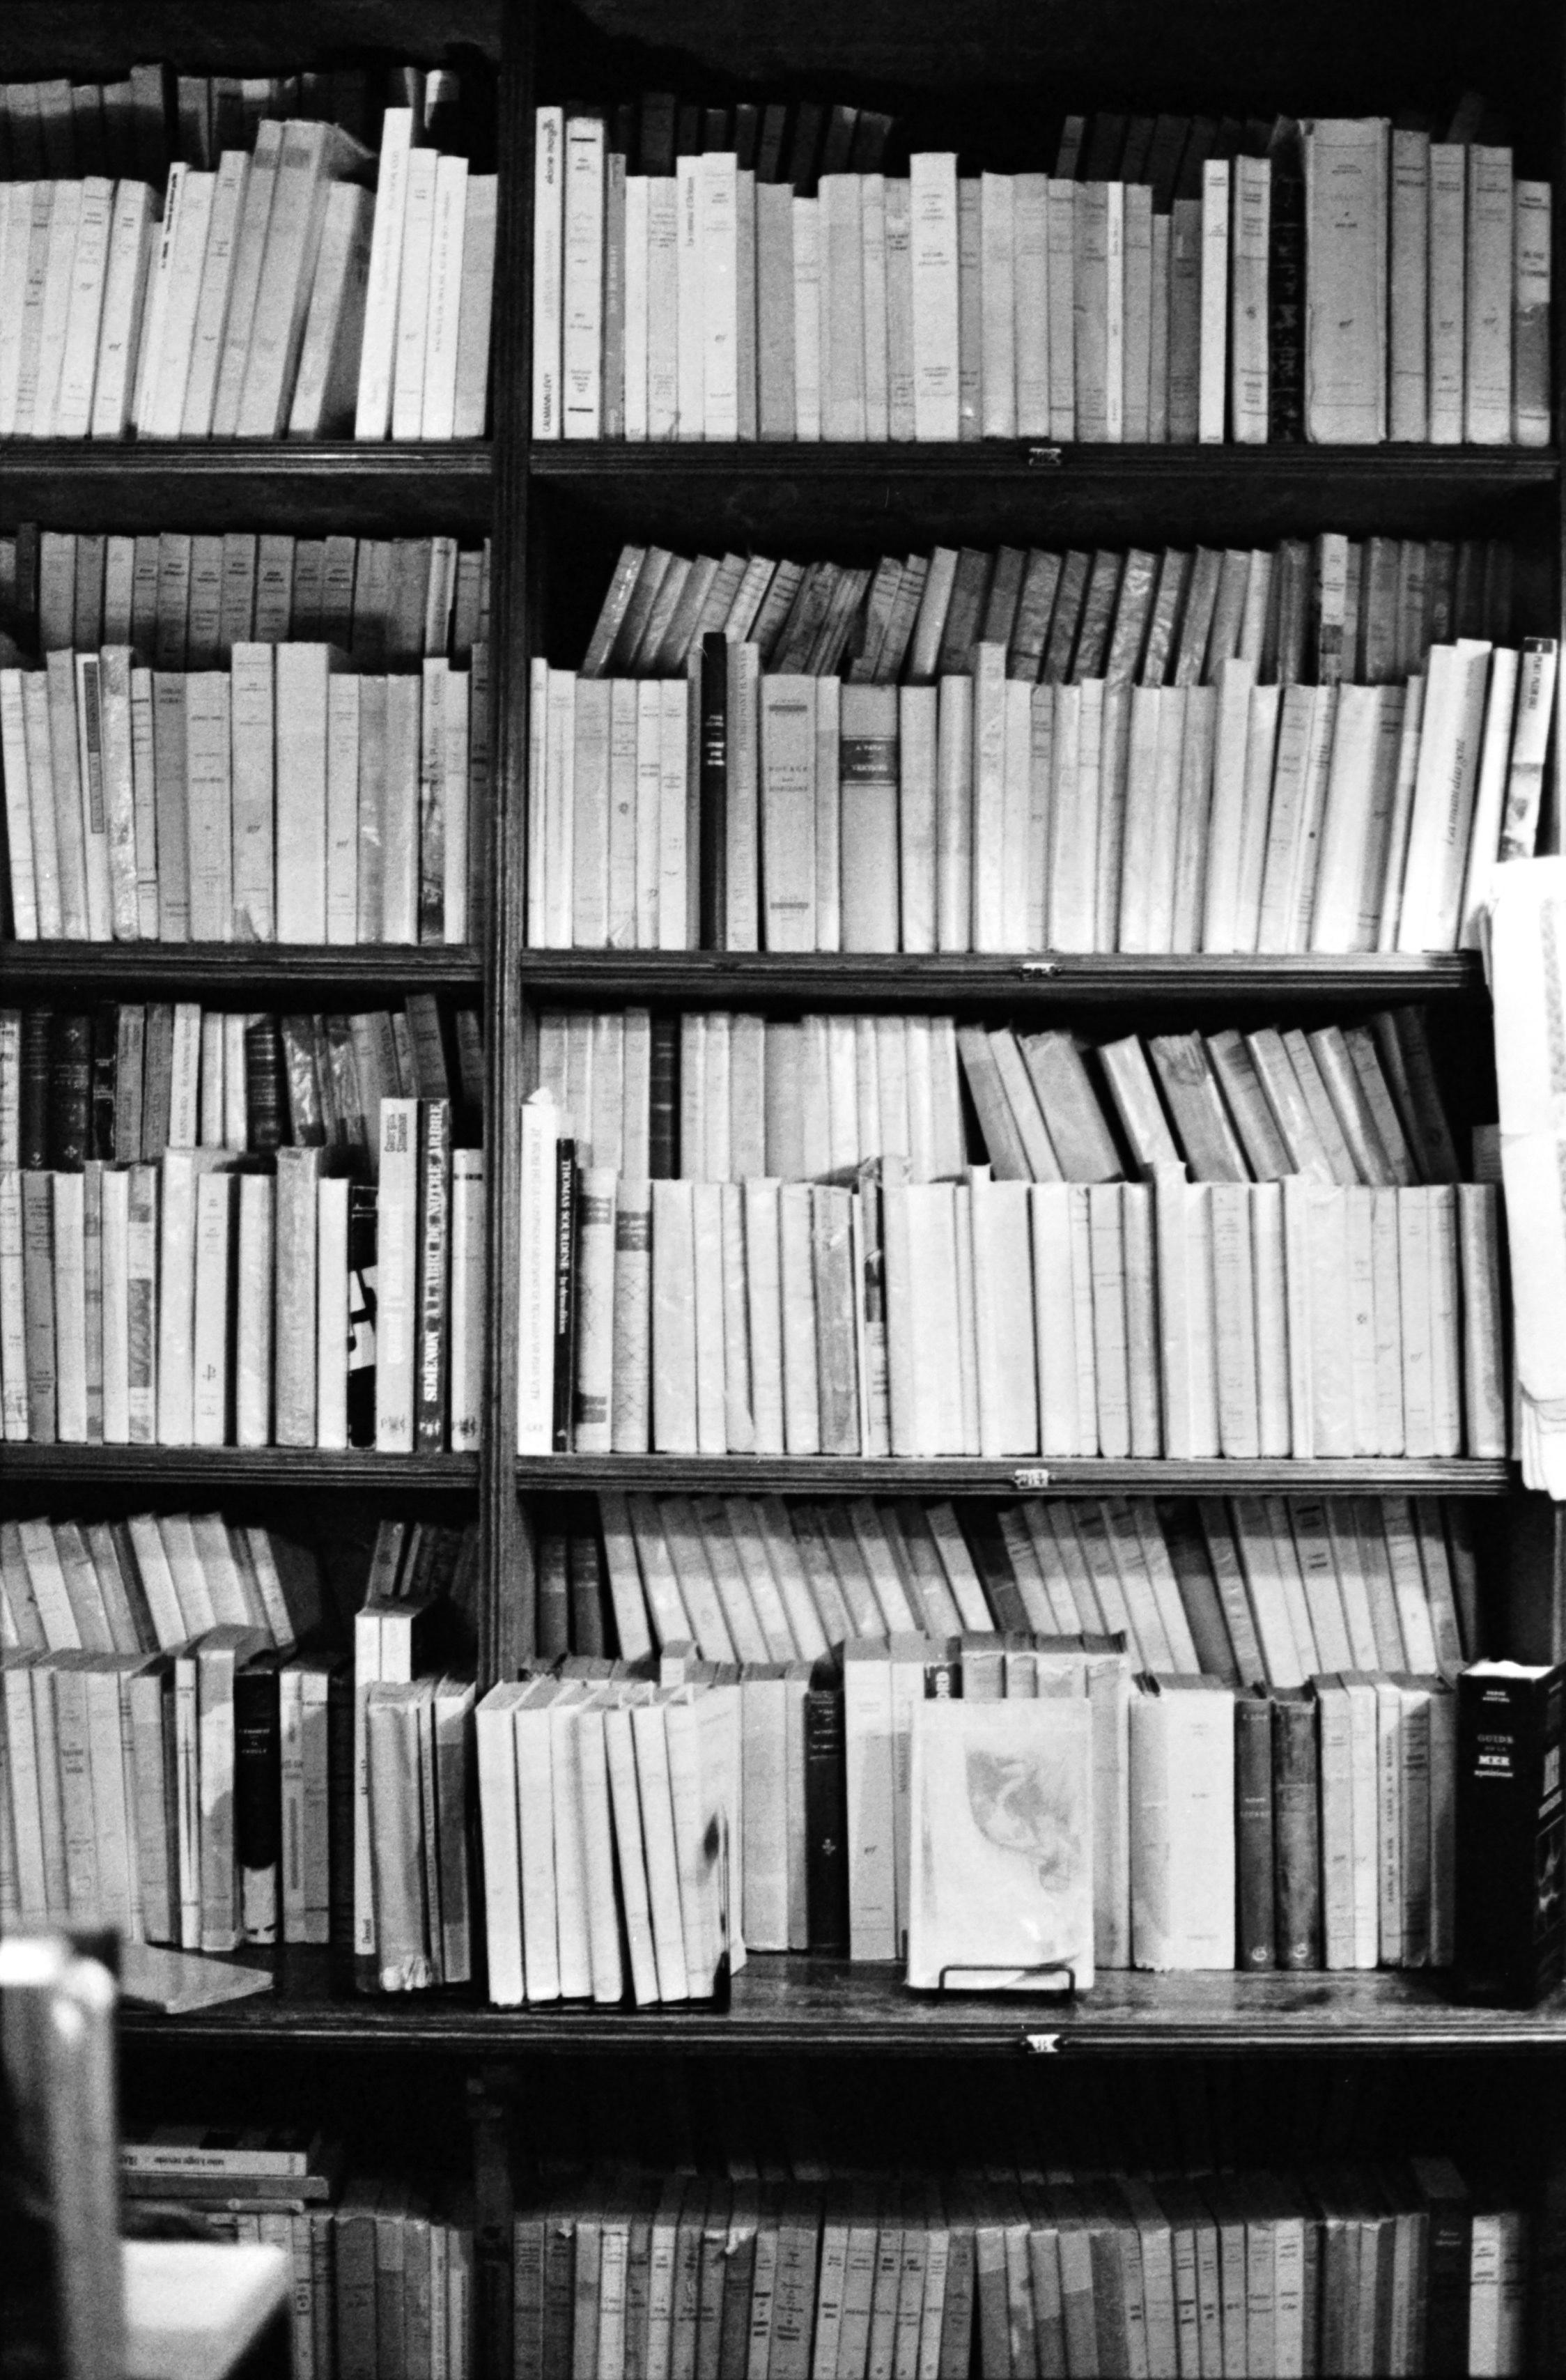 les livres, le sixième étage